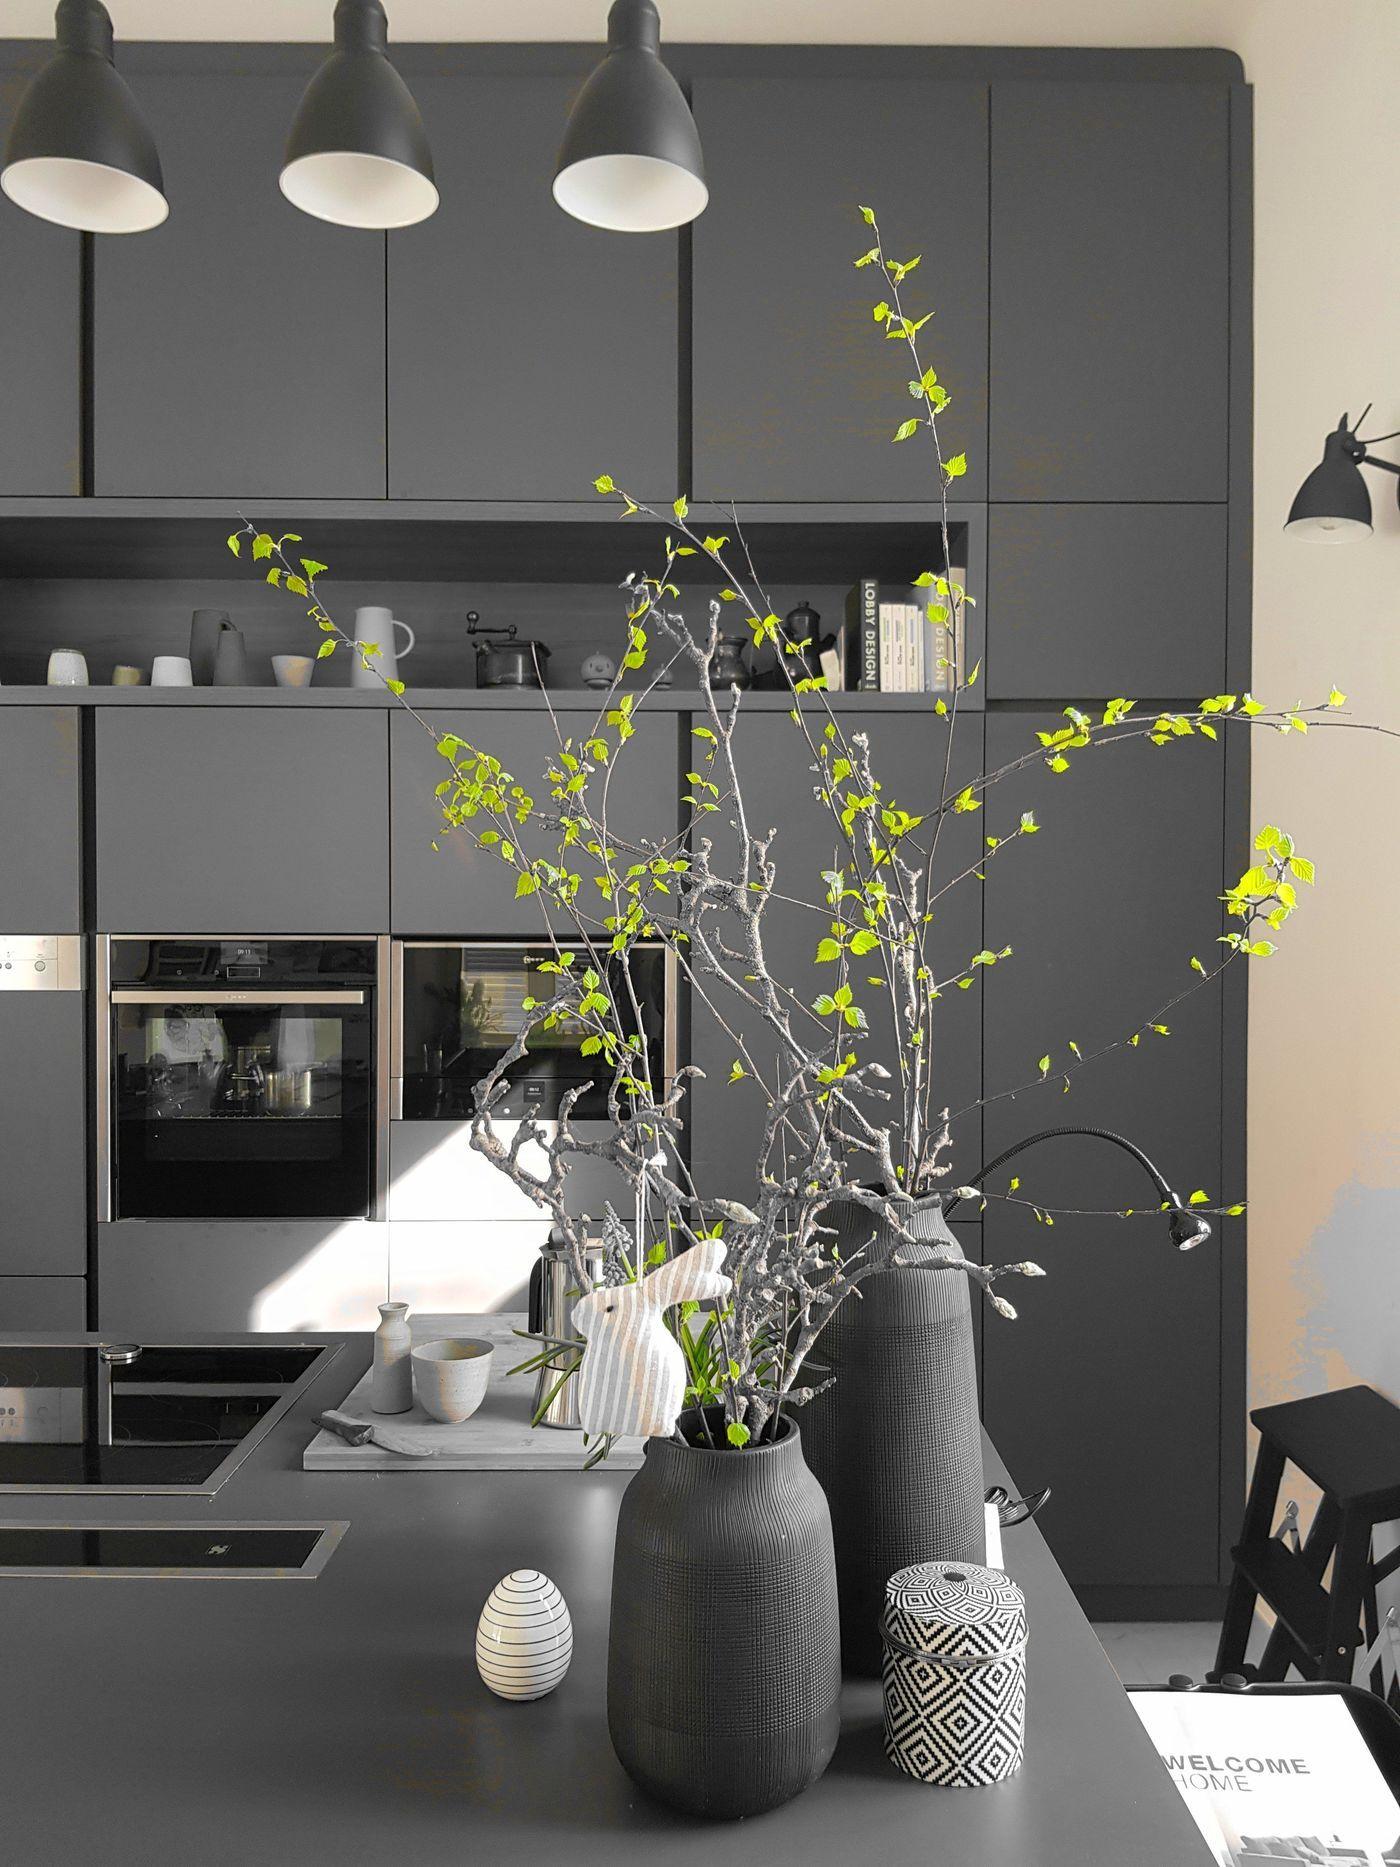 moderne k chen die sch nsten bilder und ideen seite 1. Black Bedroom Furniture Sets. Home Design Ideas